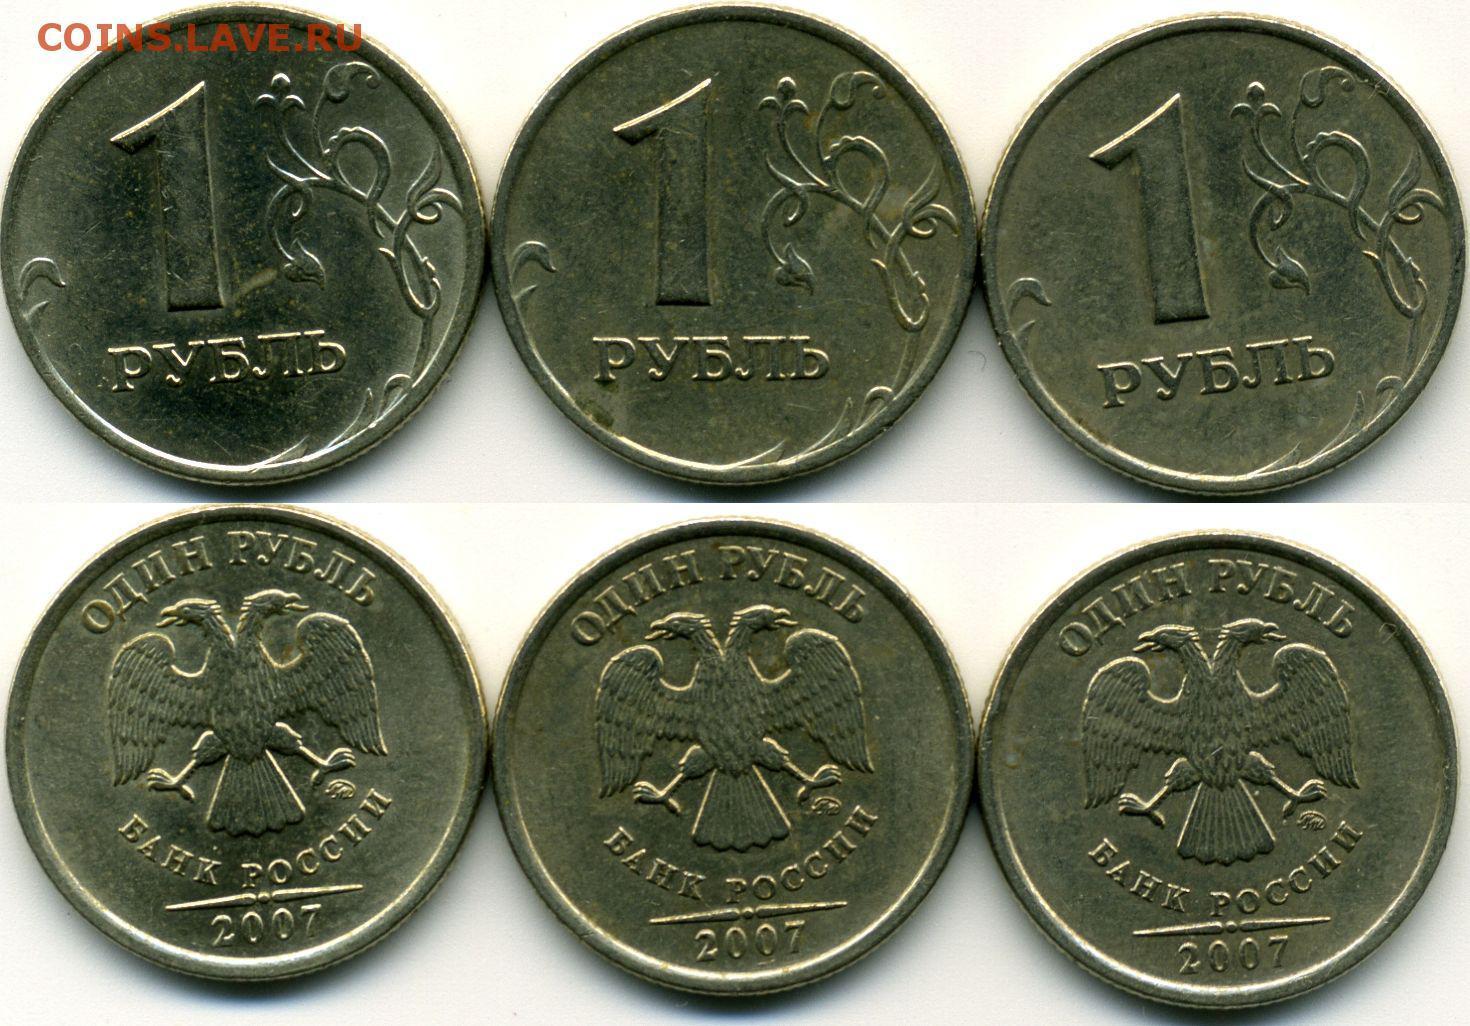 Сколько стоит 1 рубль 2007 набор квотеров купить